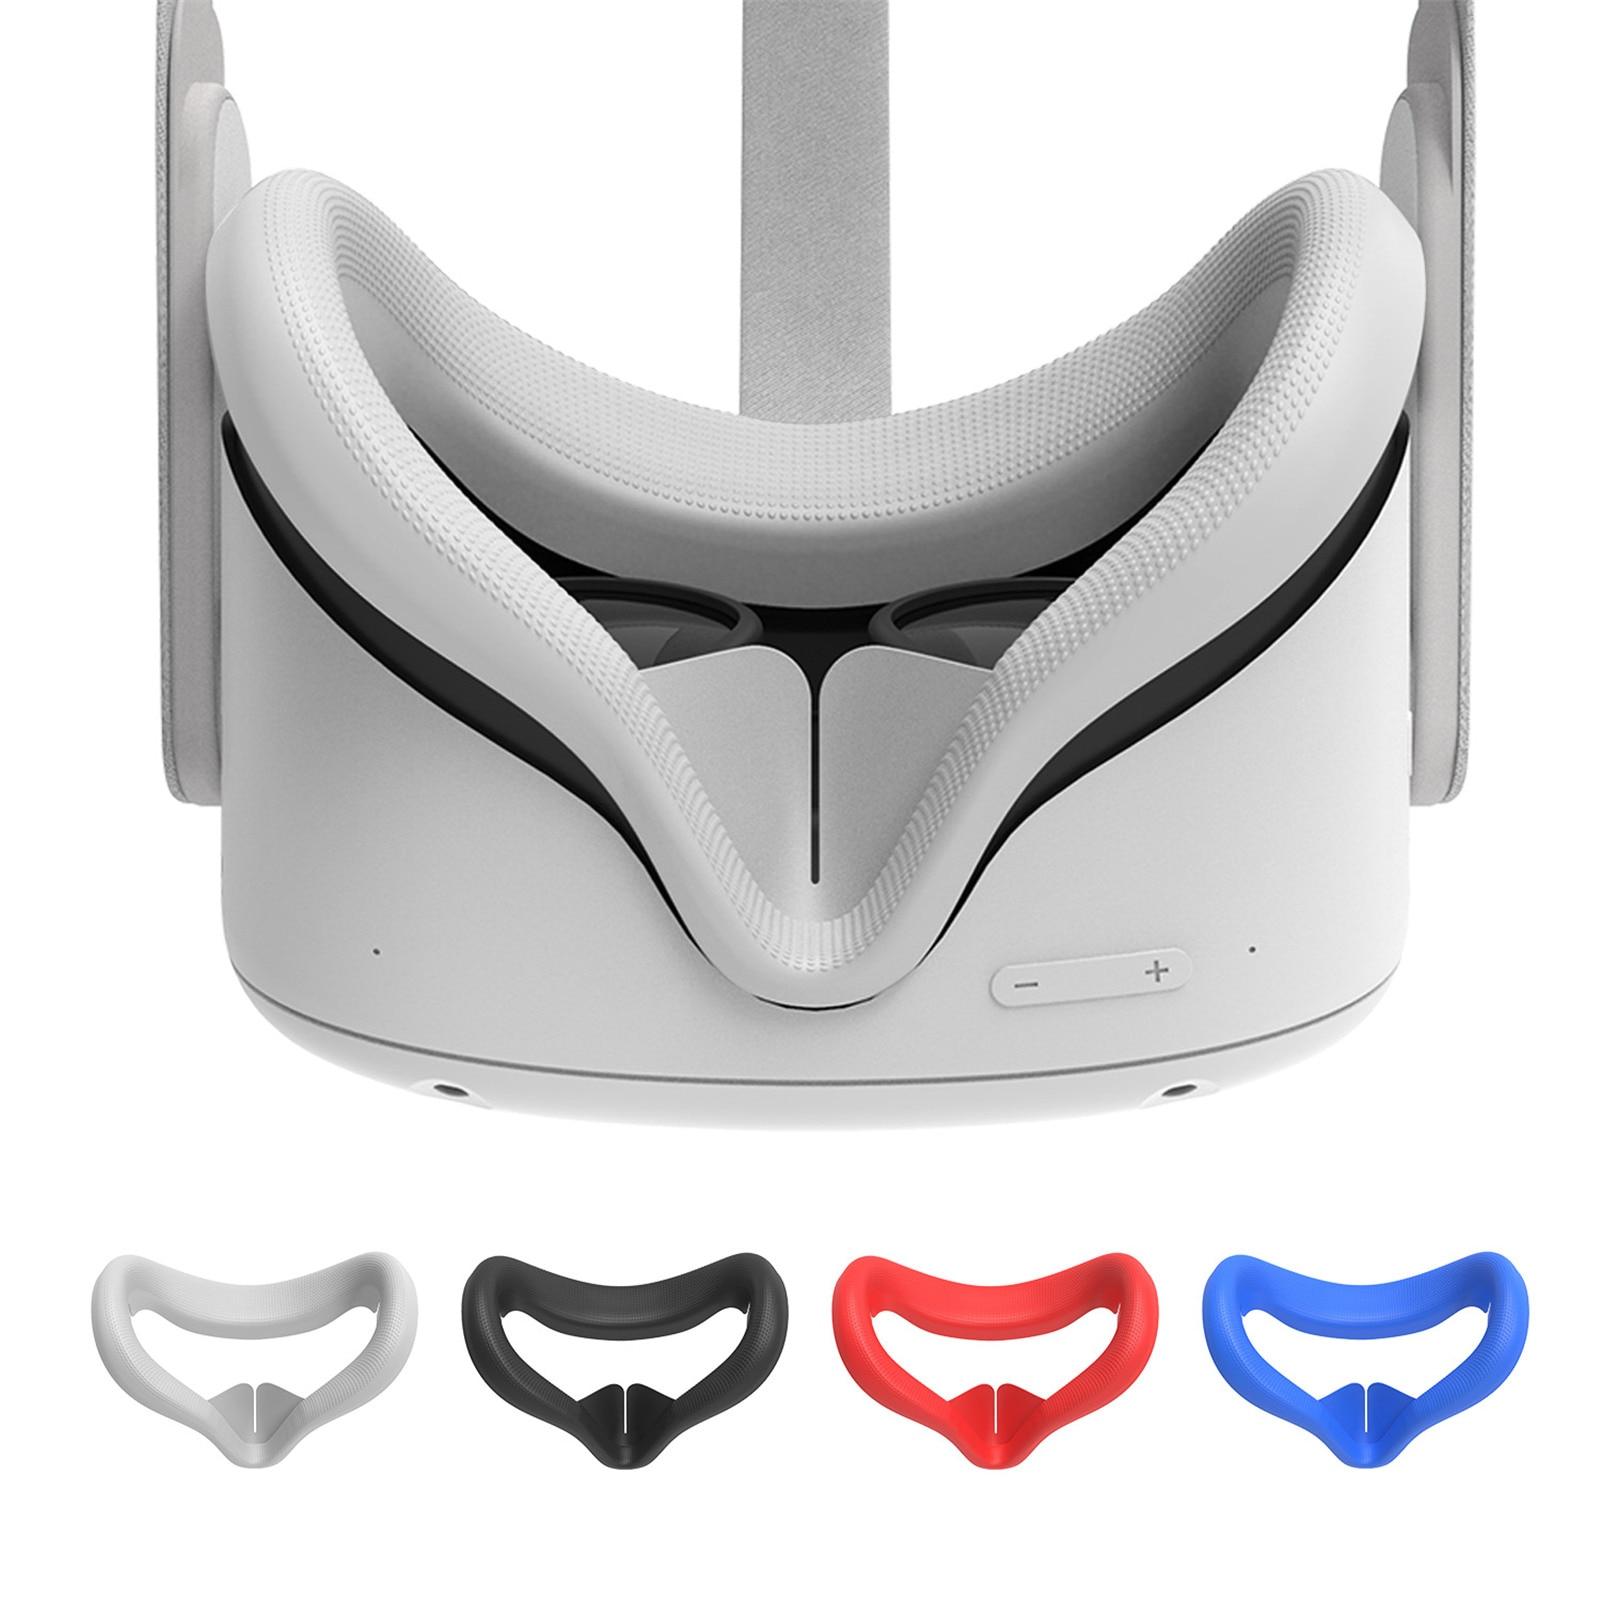 Маска Для Глаз Крышка для Oculus Quest 2 Очки виртуальной реальности VR очки силиконовые анти-пот утечки светильник Блокировка маска для глаз Oculus ...